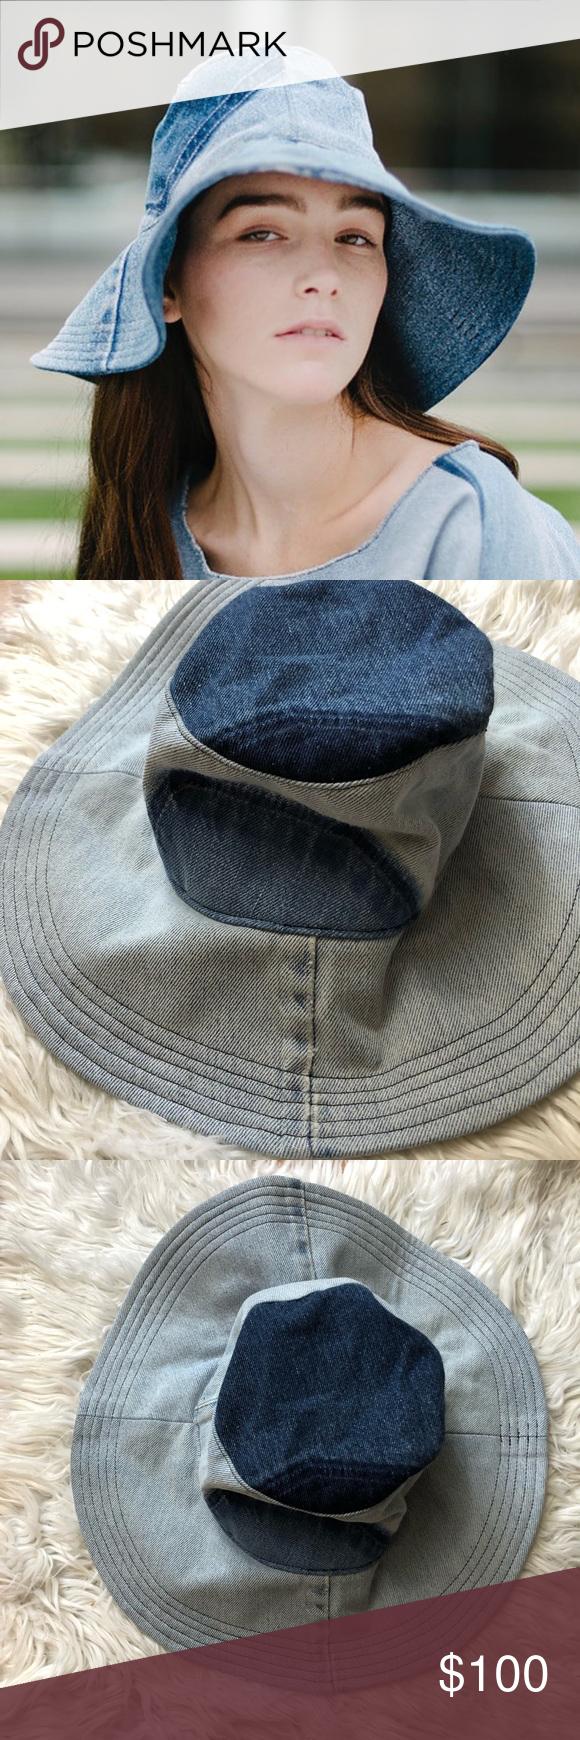 c3791a5856055 Womens Noorism Audrey Hat In Medium Denim Upcycled denim wide brim sun hat.  Inspired by